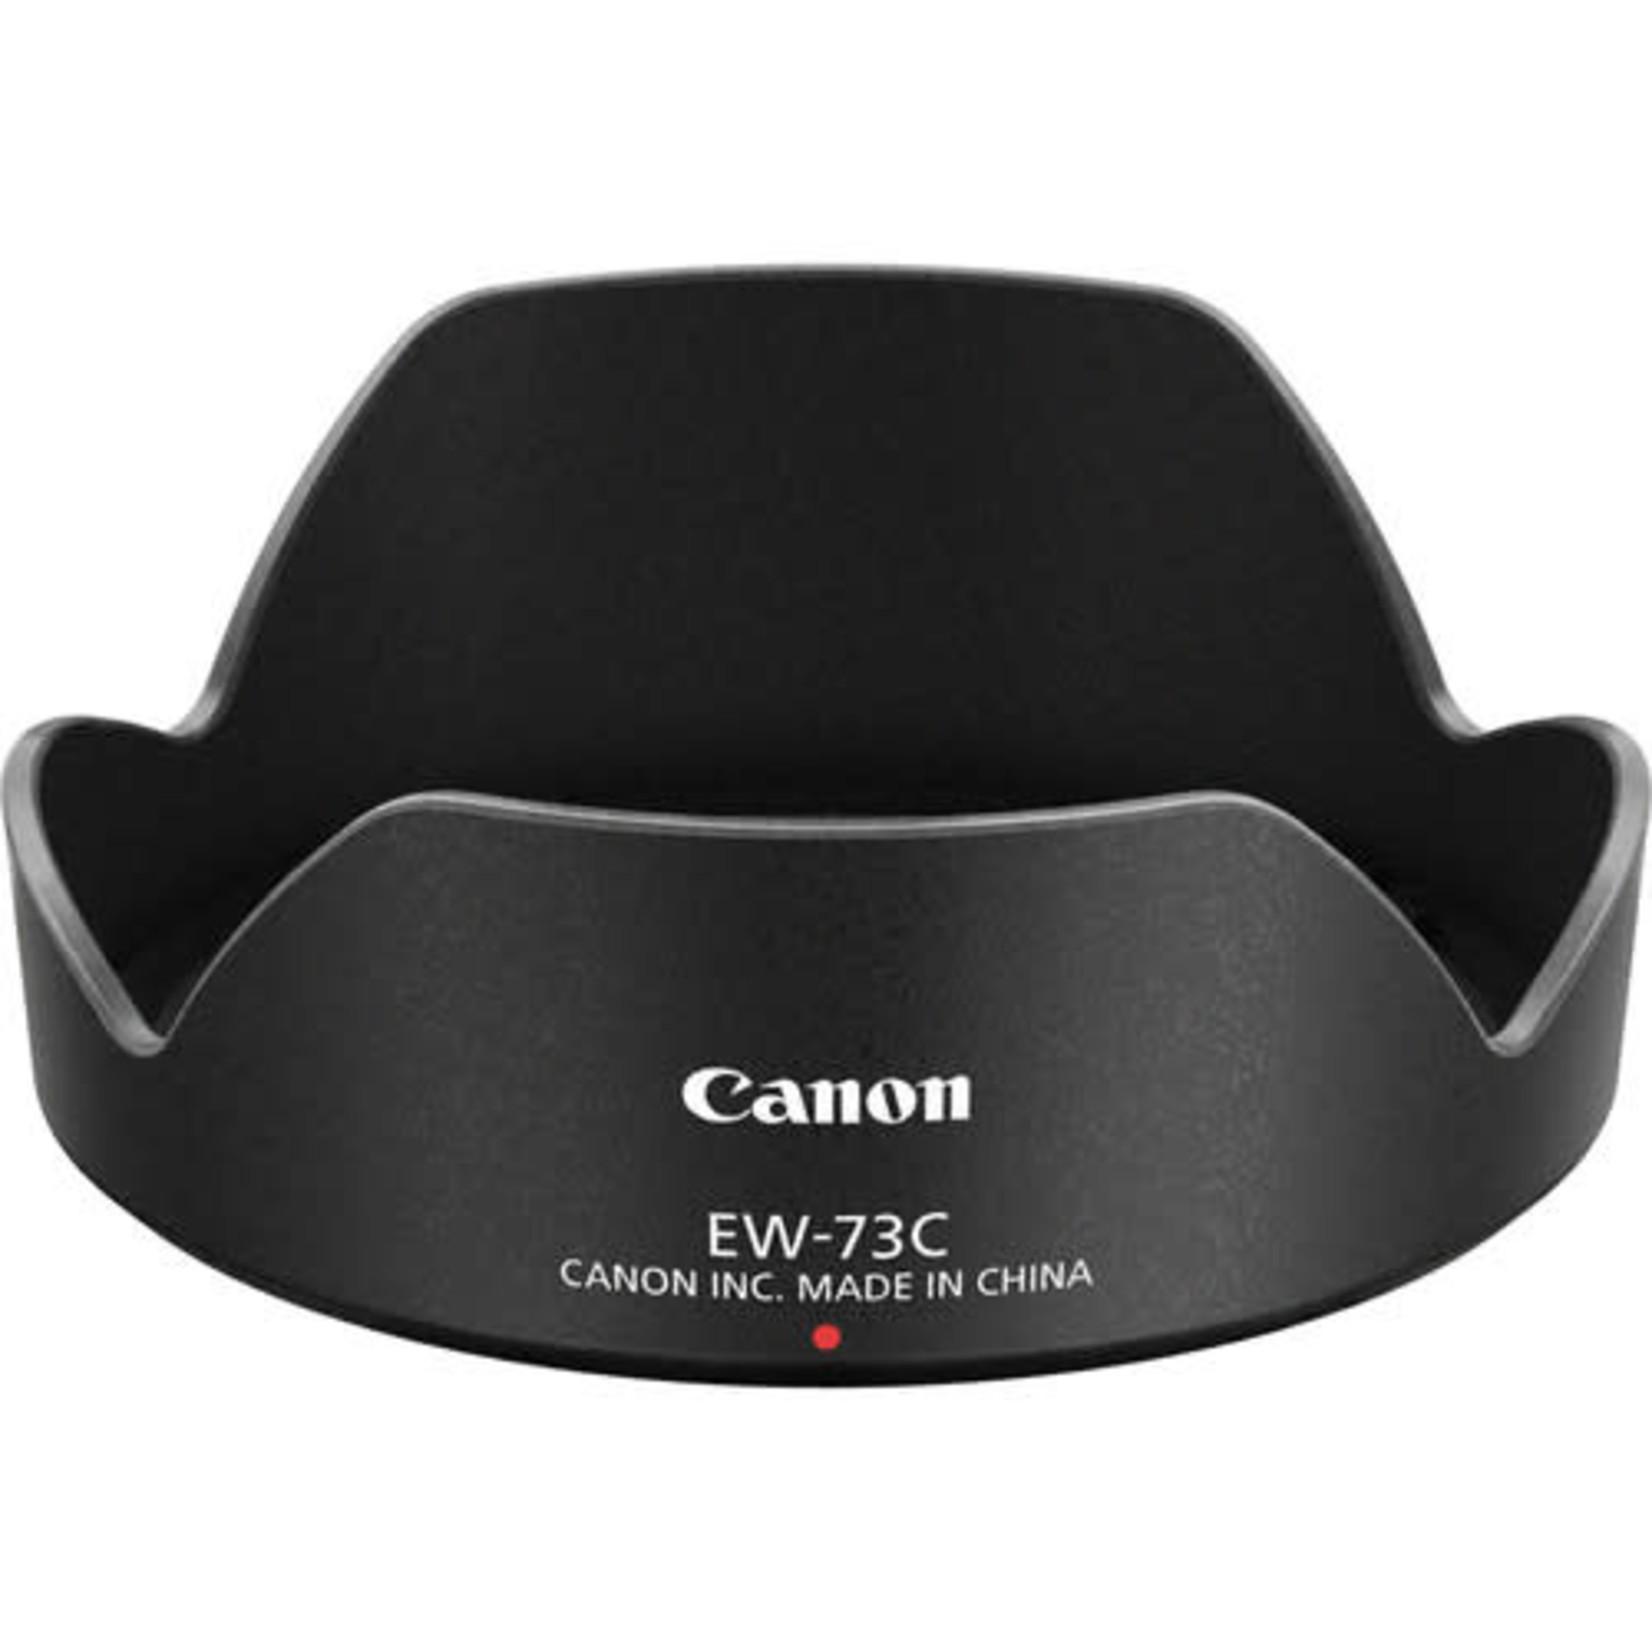 Canon Canon EW-73C Lens Hood